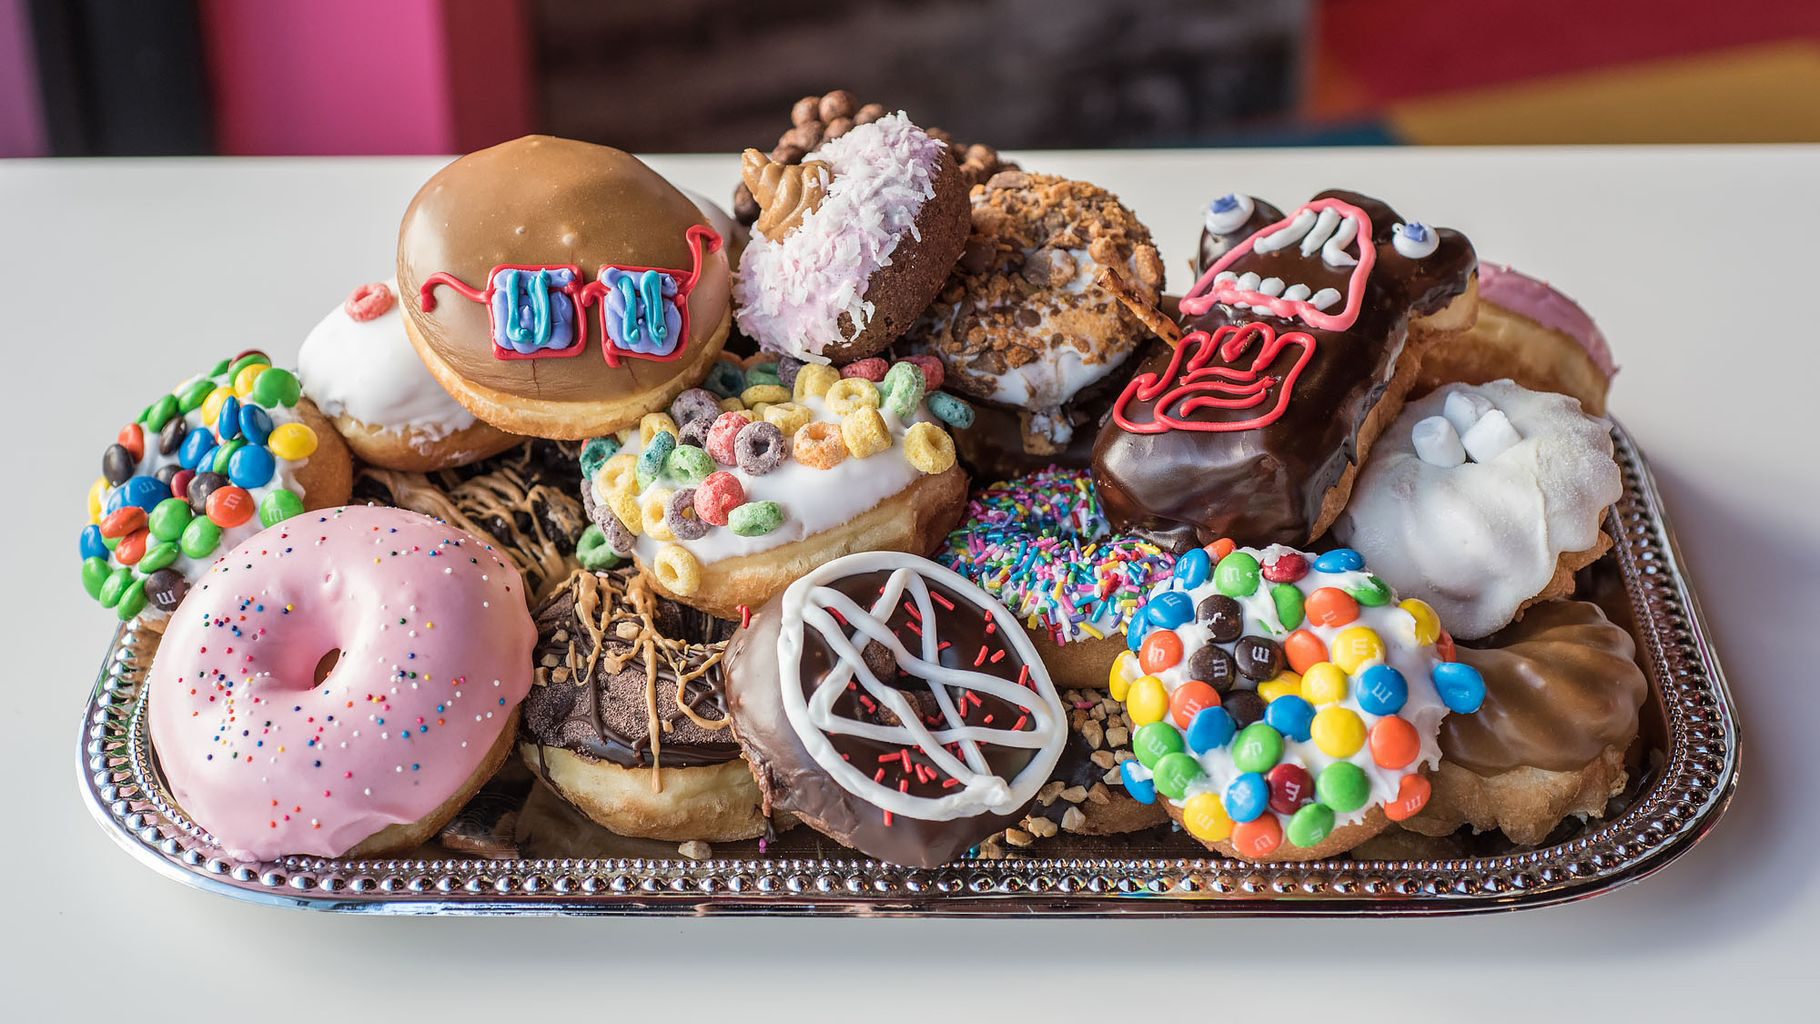 El primer Voodoo Doughnut ha llegado a California